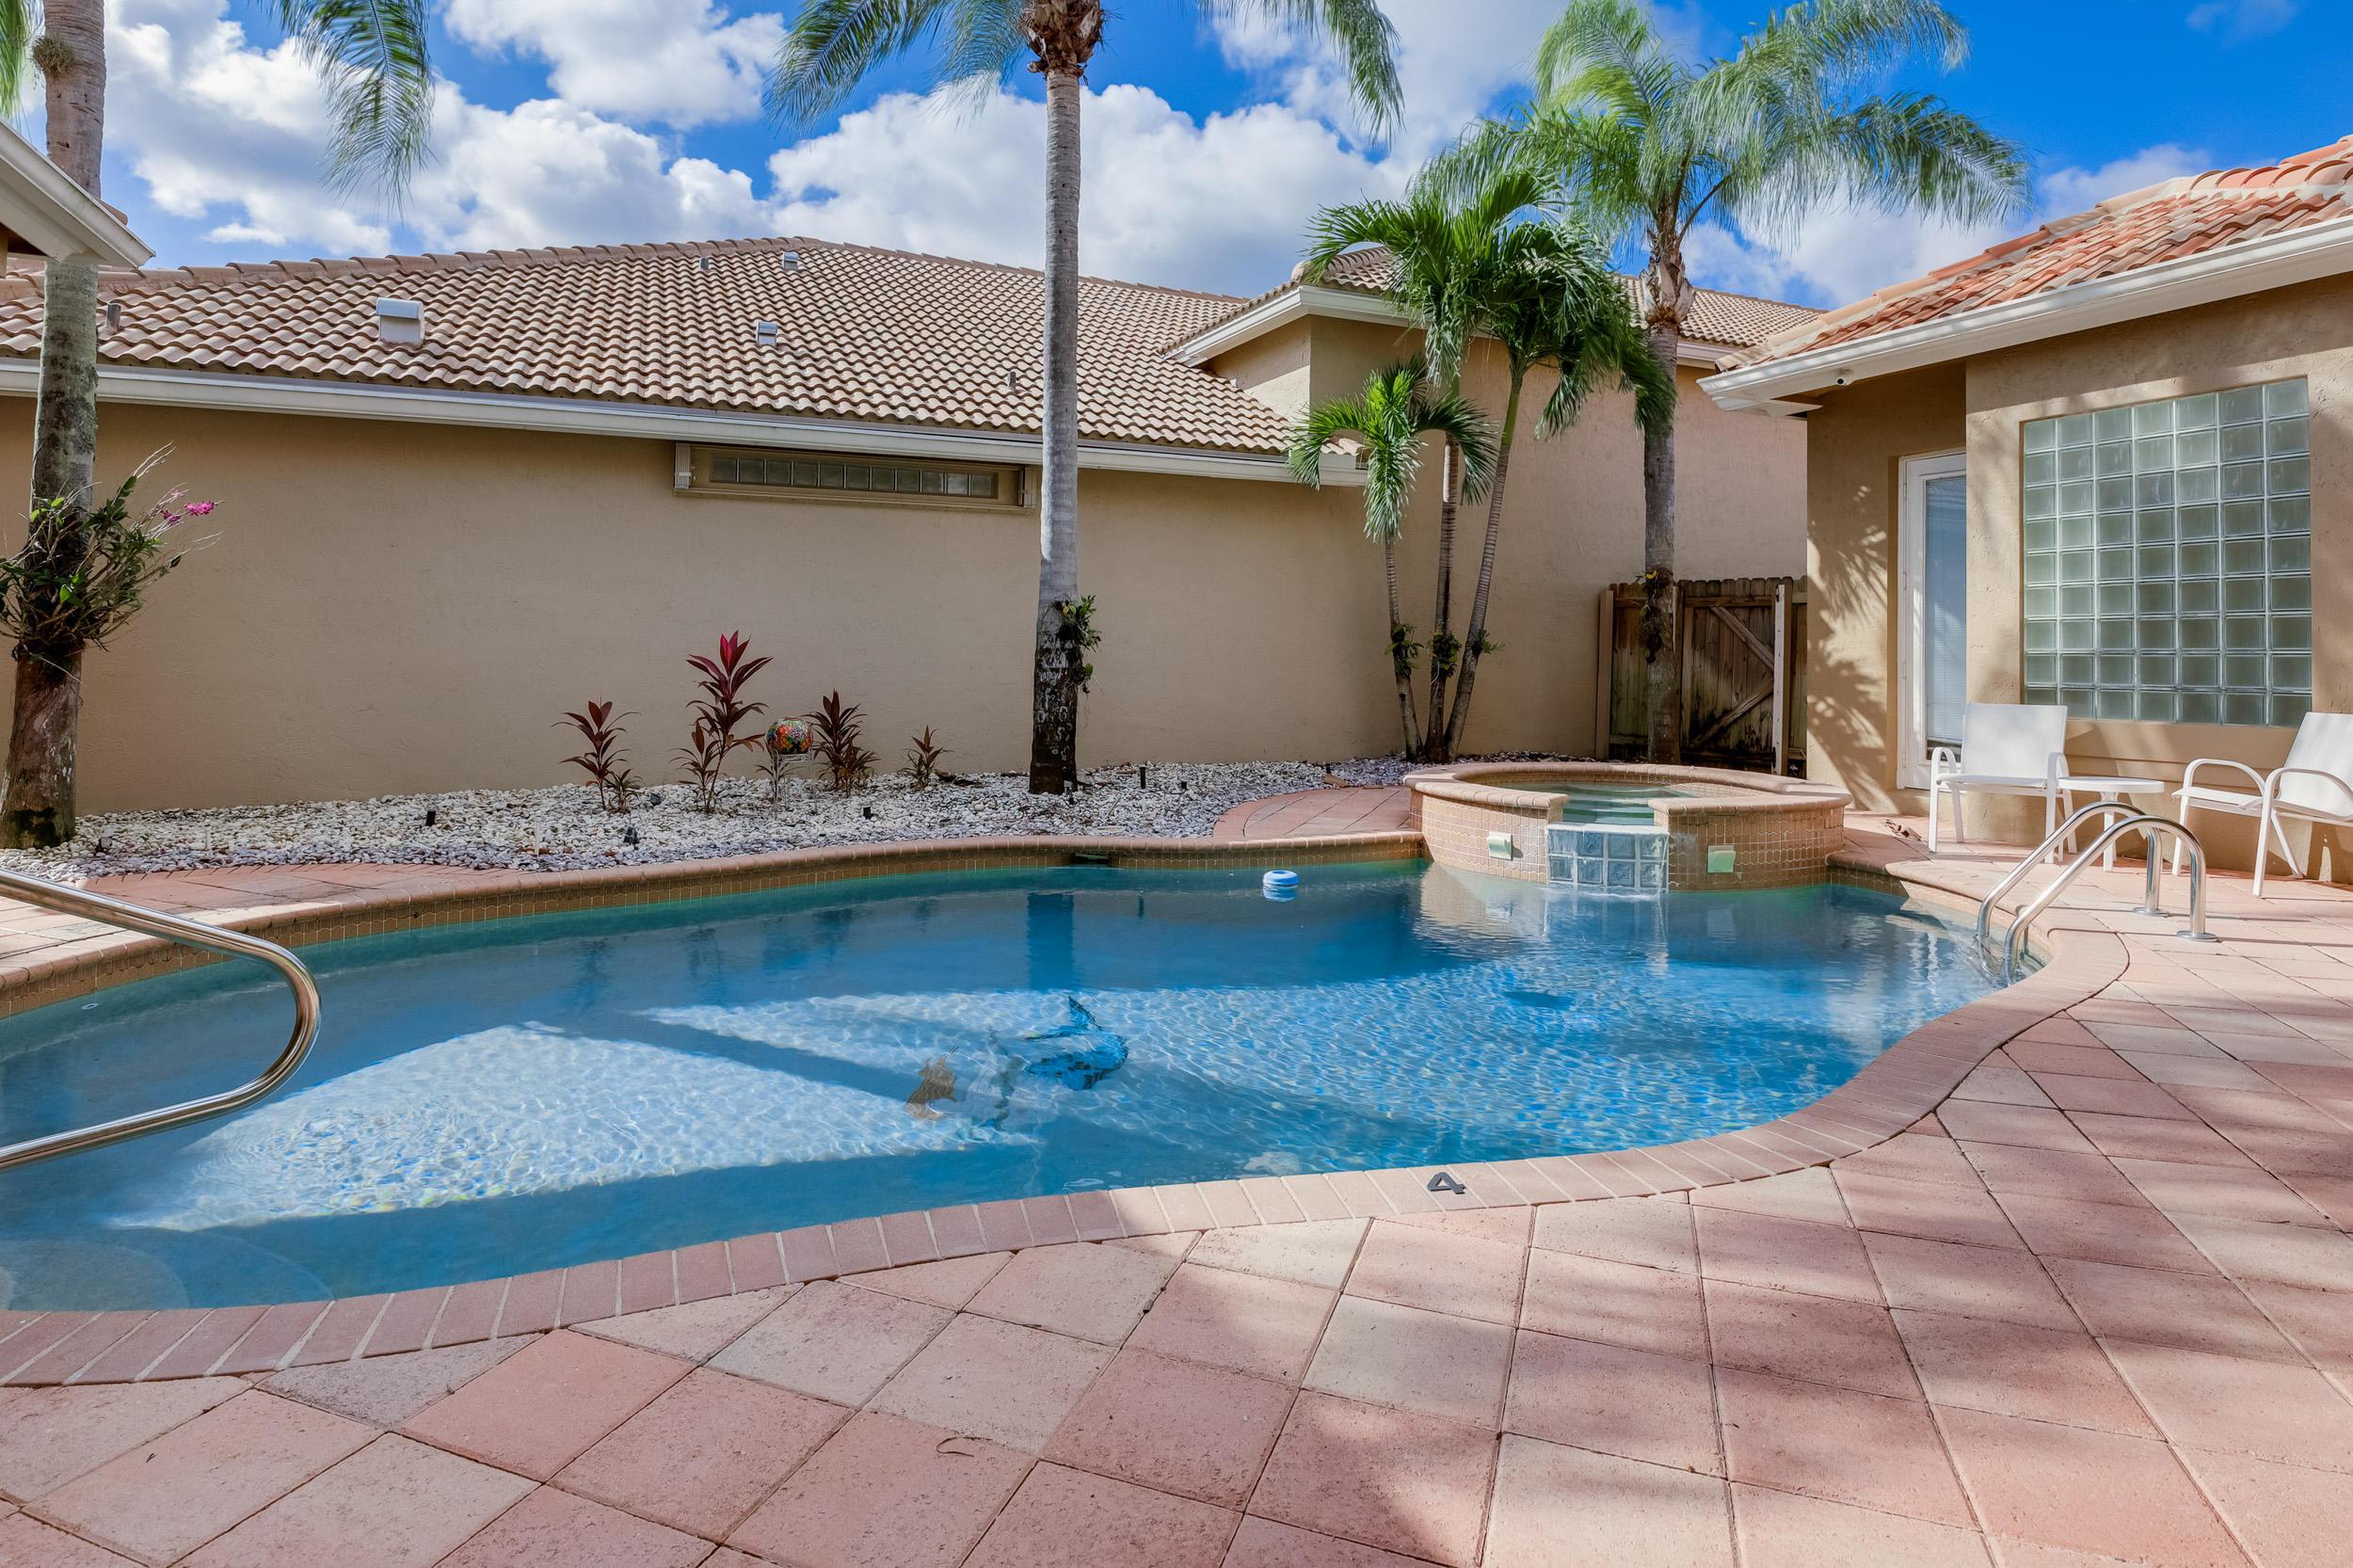 Image 4 For 10766 Greenbriar Villa Drive